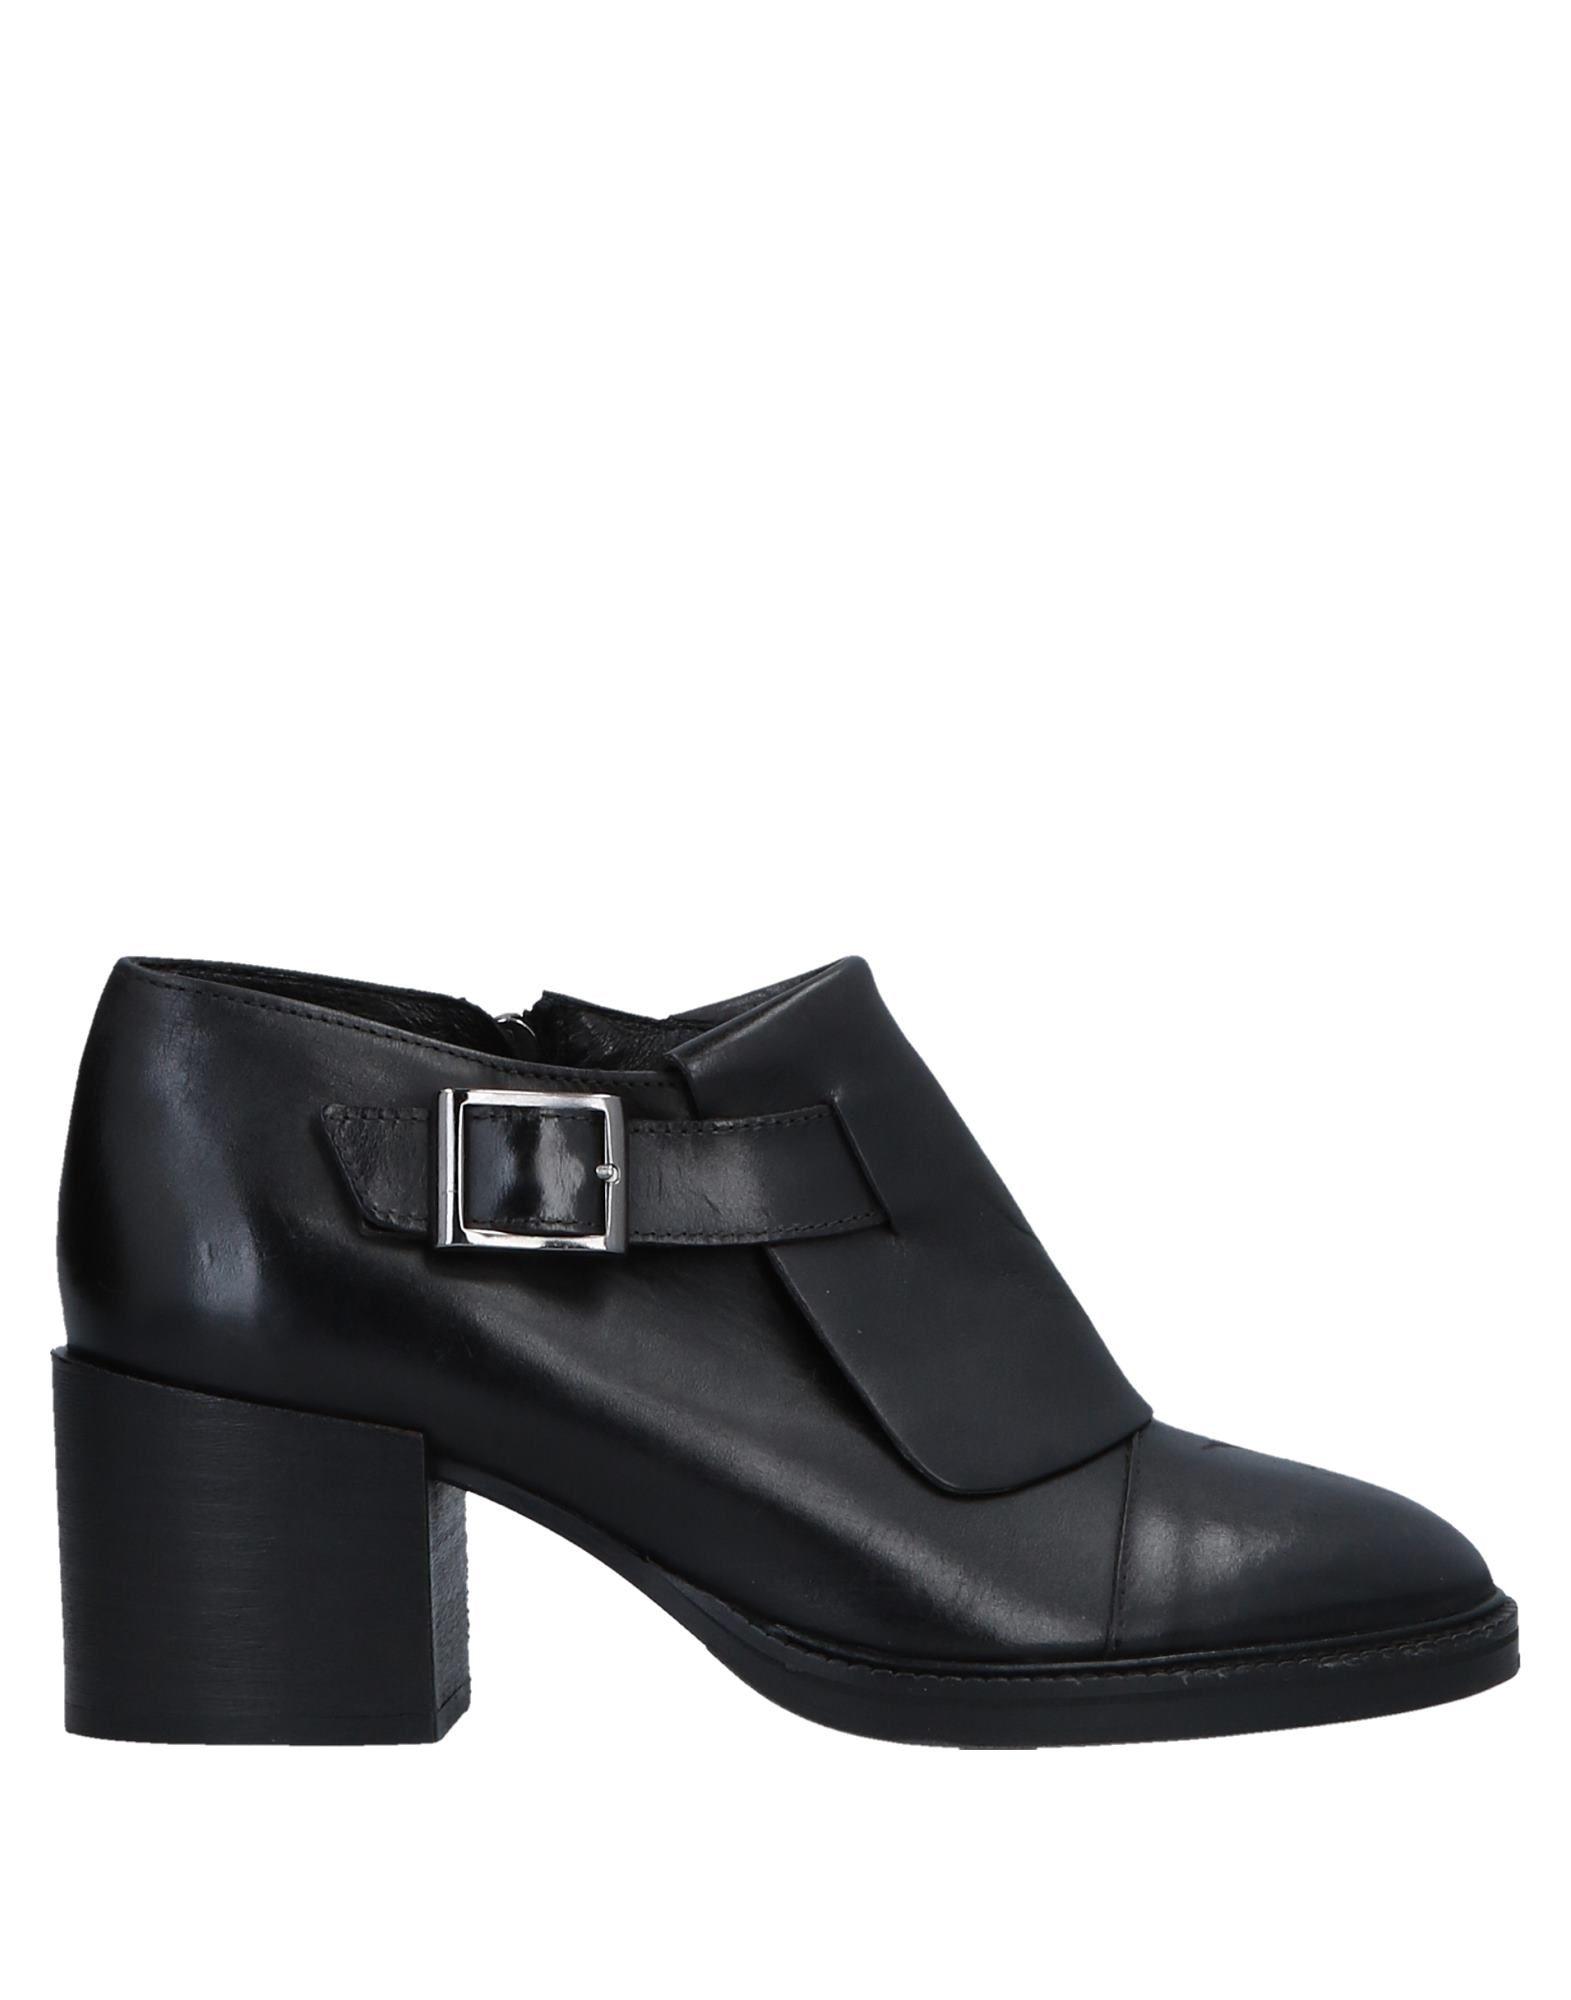 Logan Stiefelette Damen  11517814FV Gute Qualität beliebte Schuhe